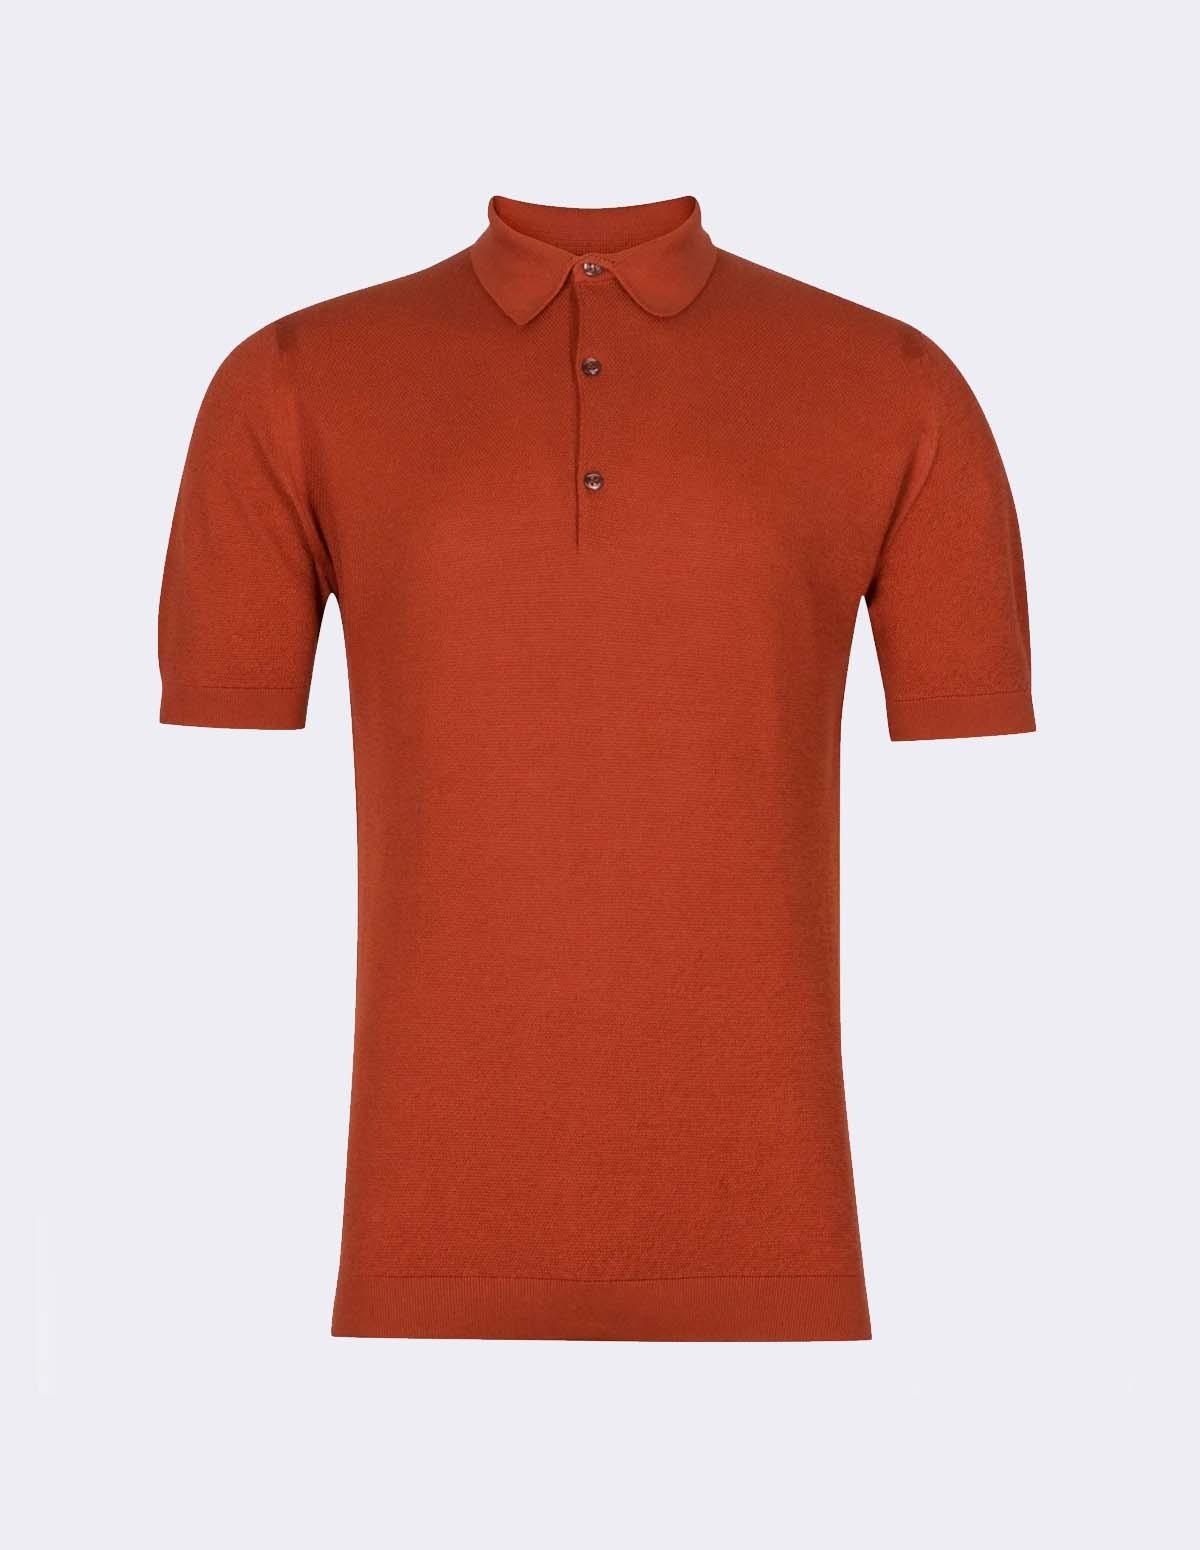 Roth Pique Shirt Ss - CINNAMON